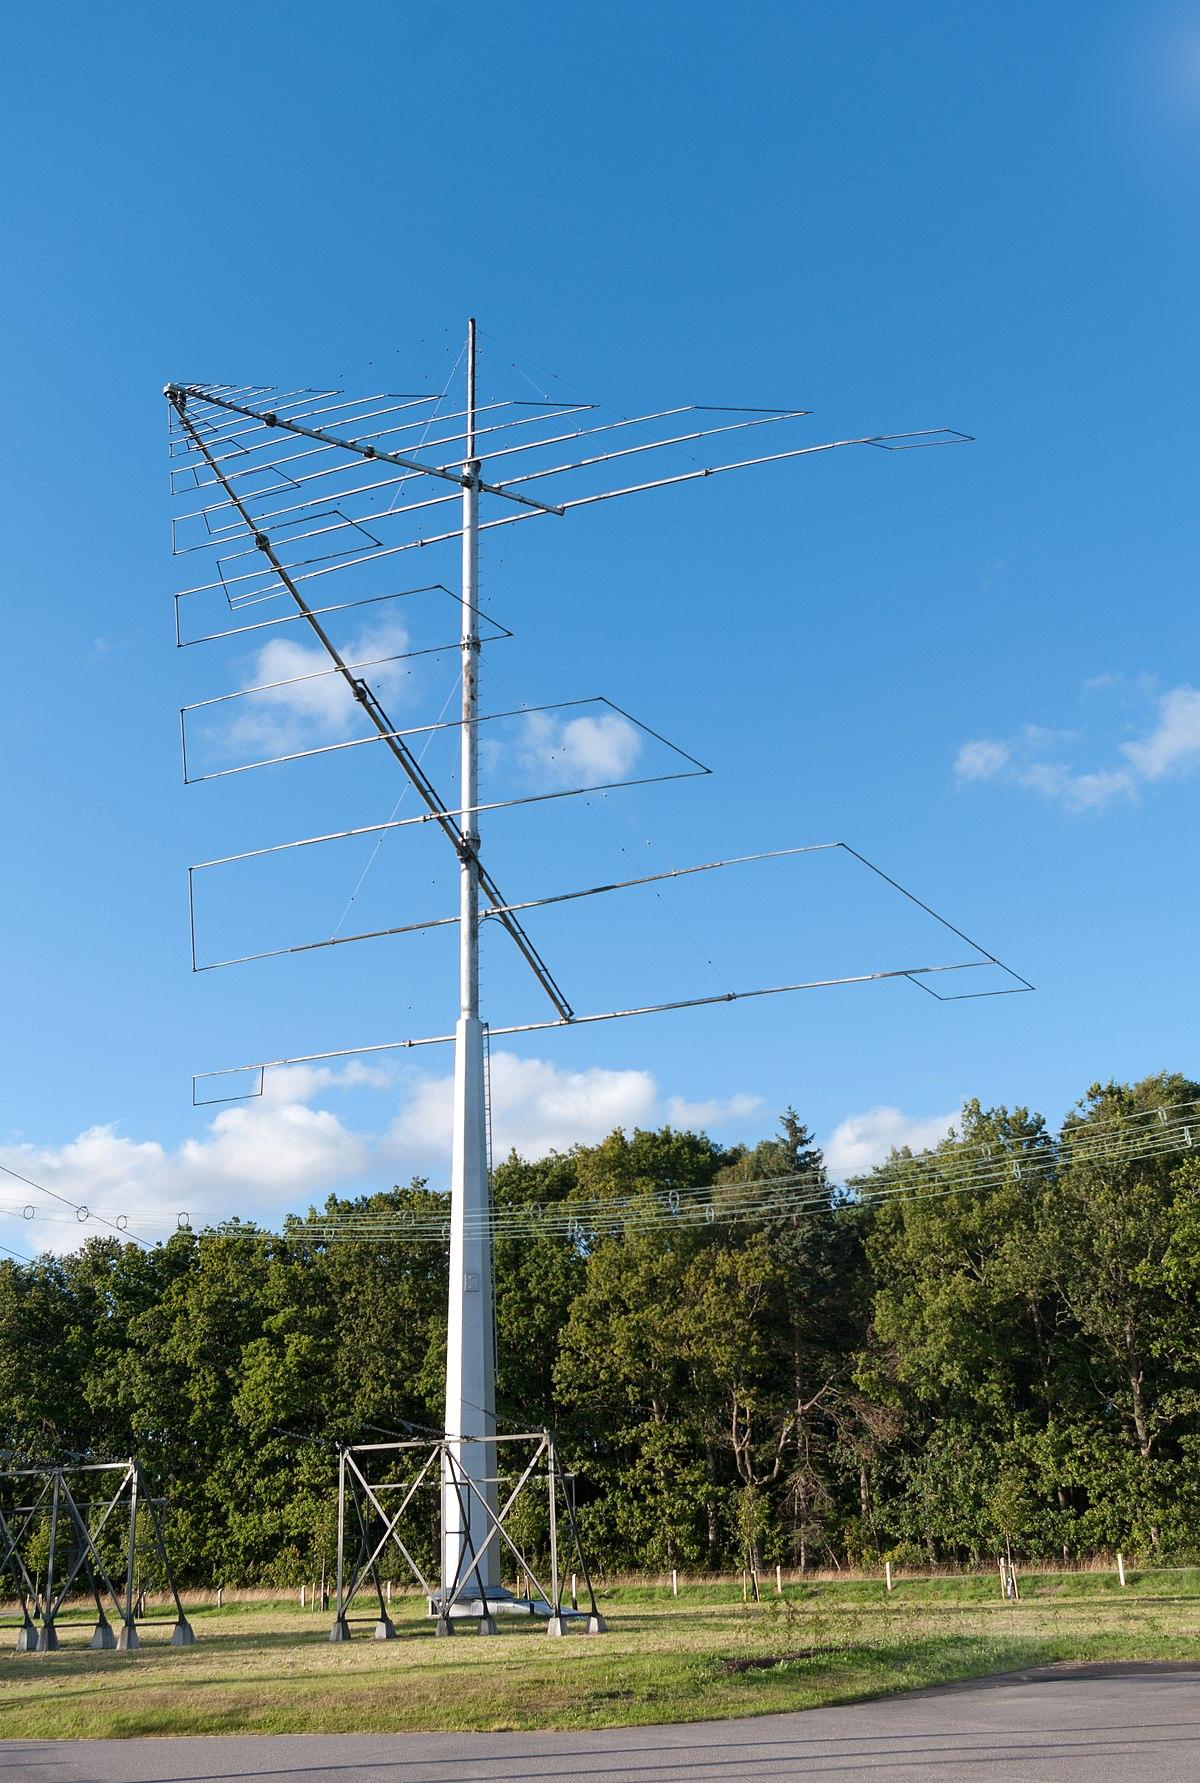 Antena Logarytmiczno Periodyczna Wikipedia Wolna